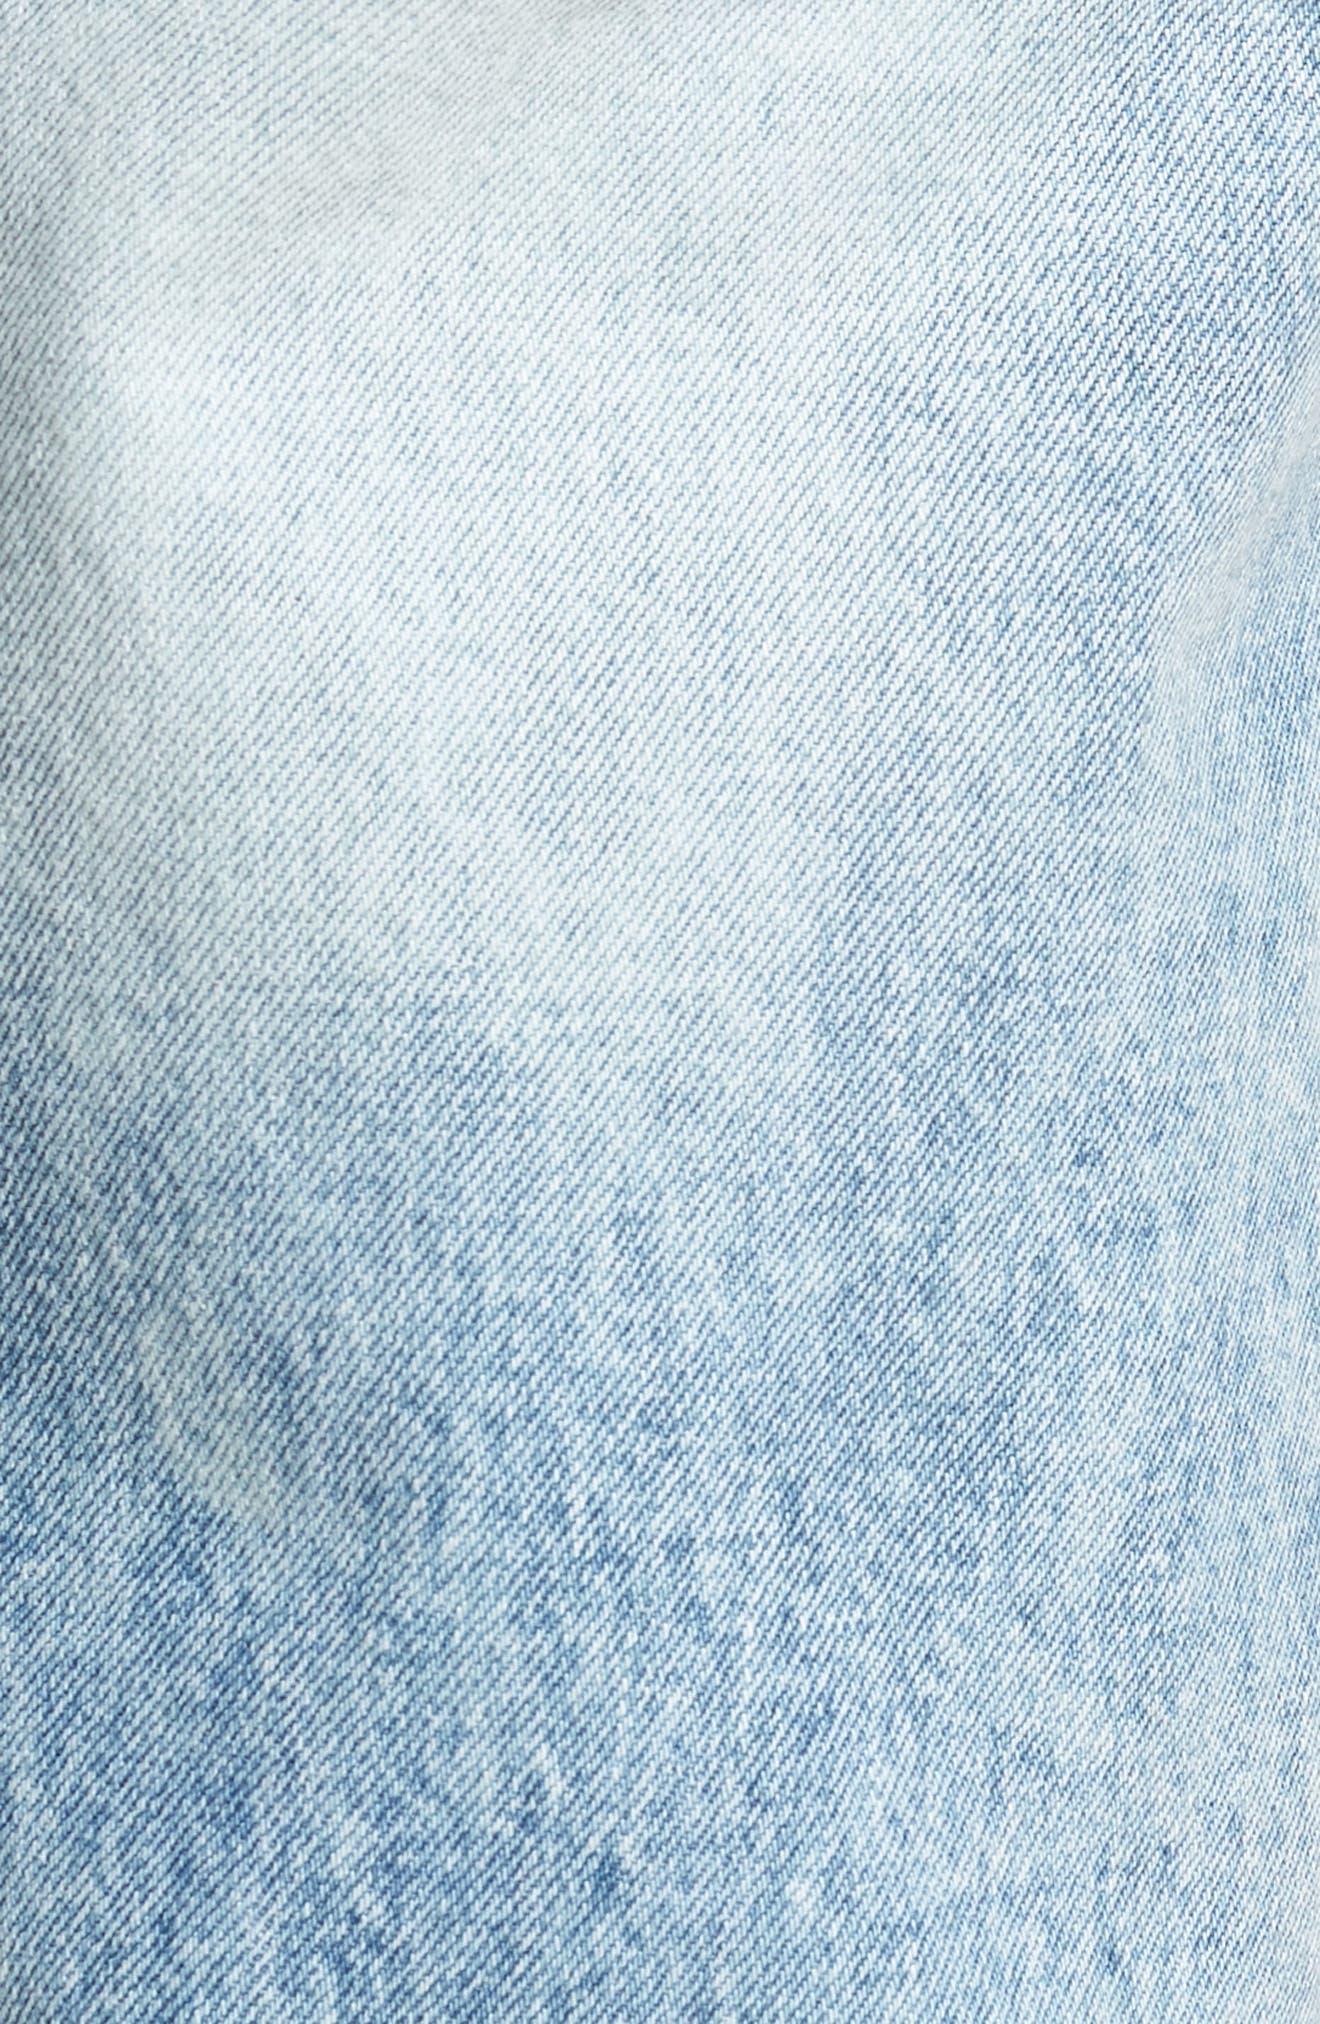 Otis Straight Leg Jeans,                             Alternate thumbnail 5, color,                             402